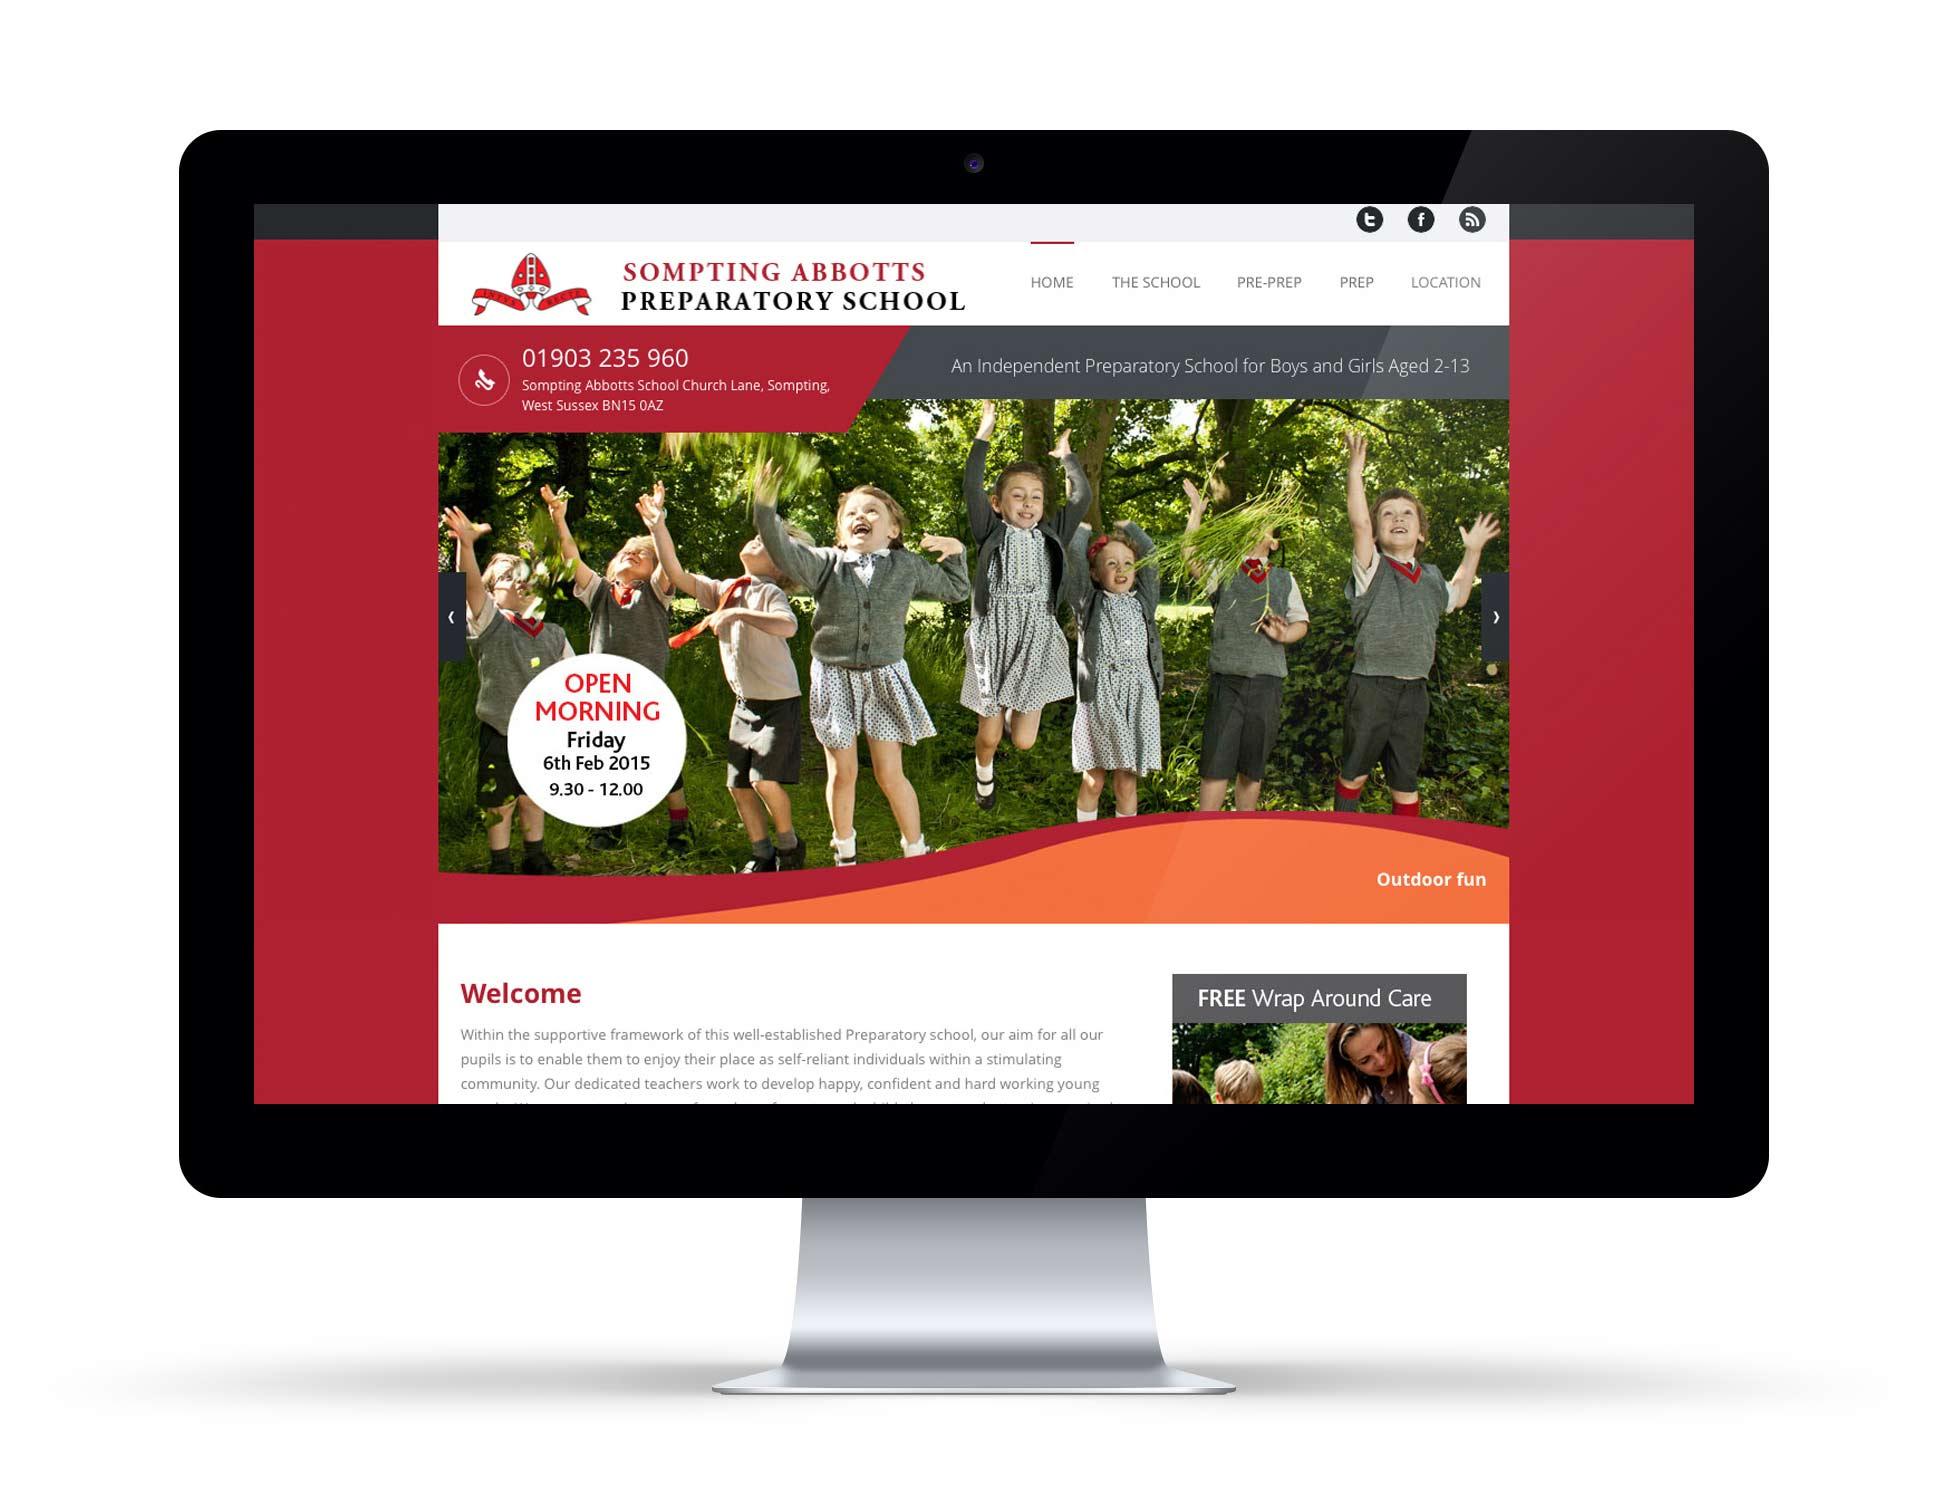 Sompting Abbotts Web Design